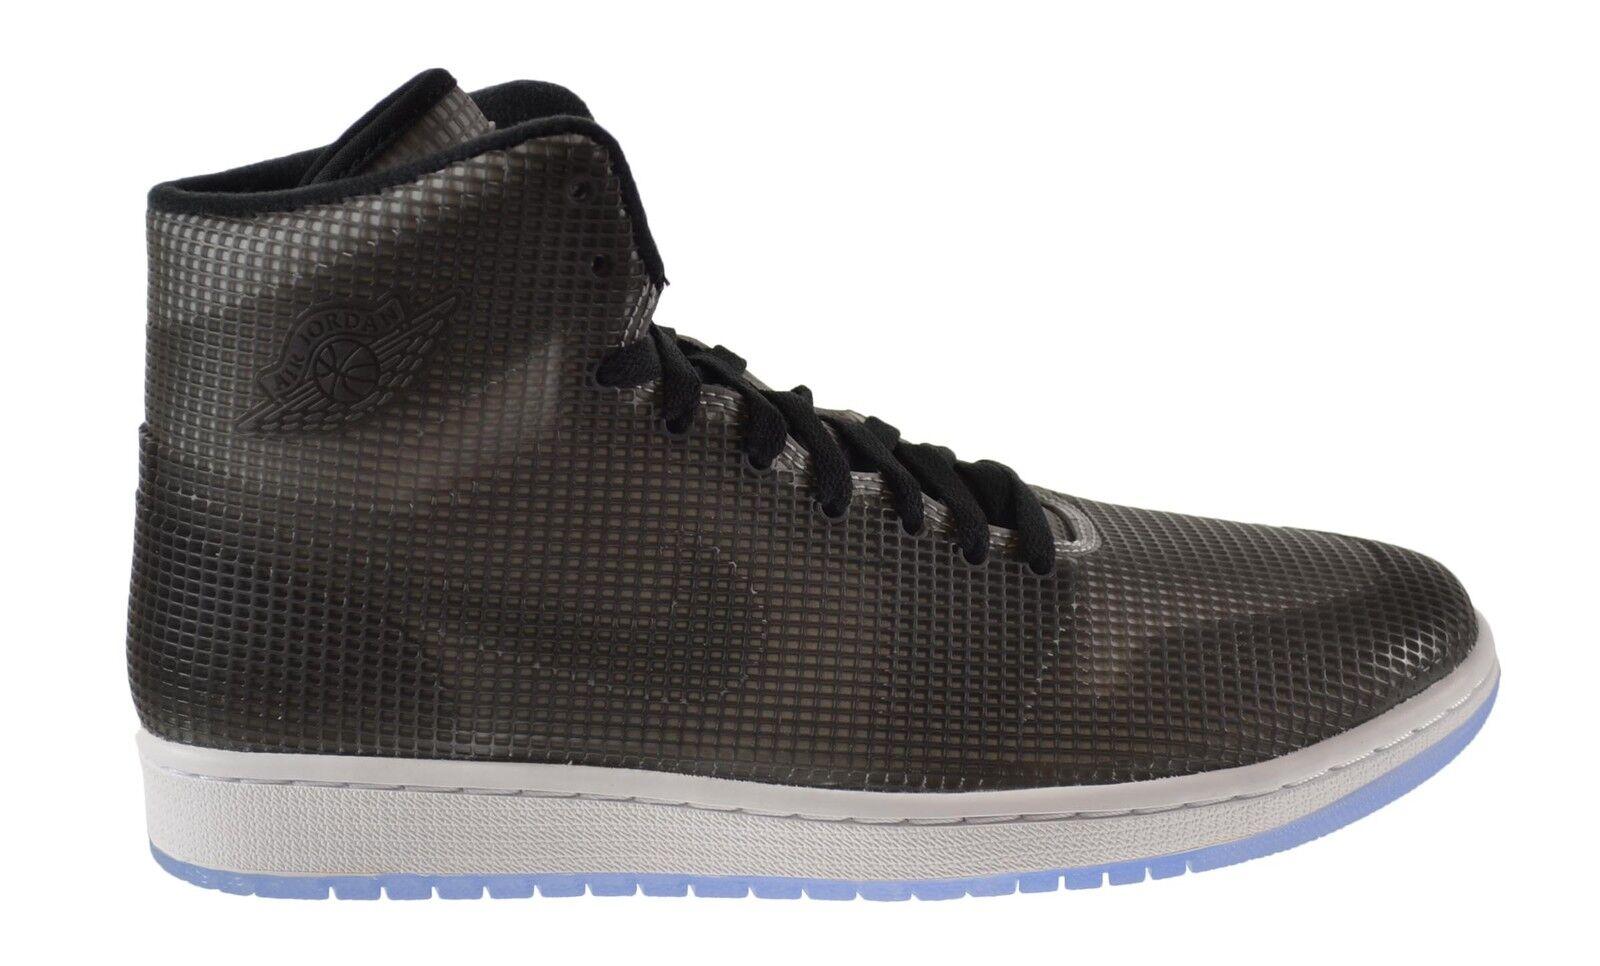 Air Jordan 4 Lab 1 Men's Shoes Black/Reflect Silver-White 677690-012